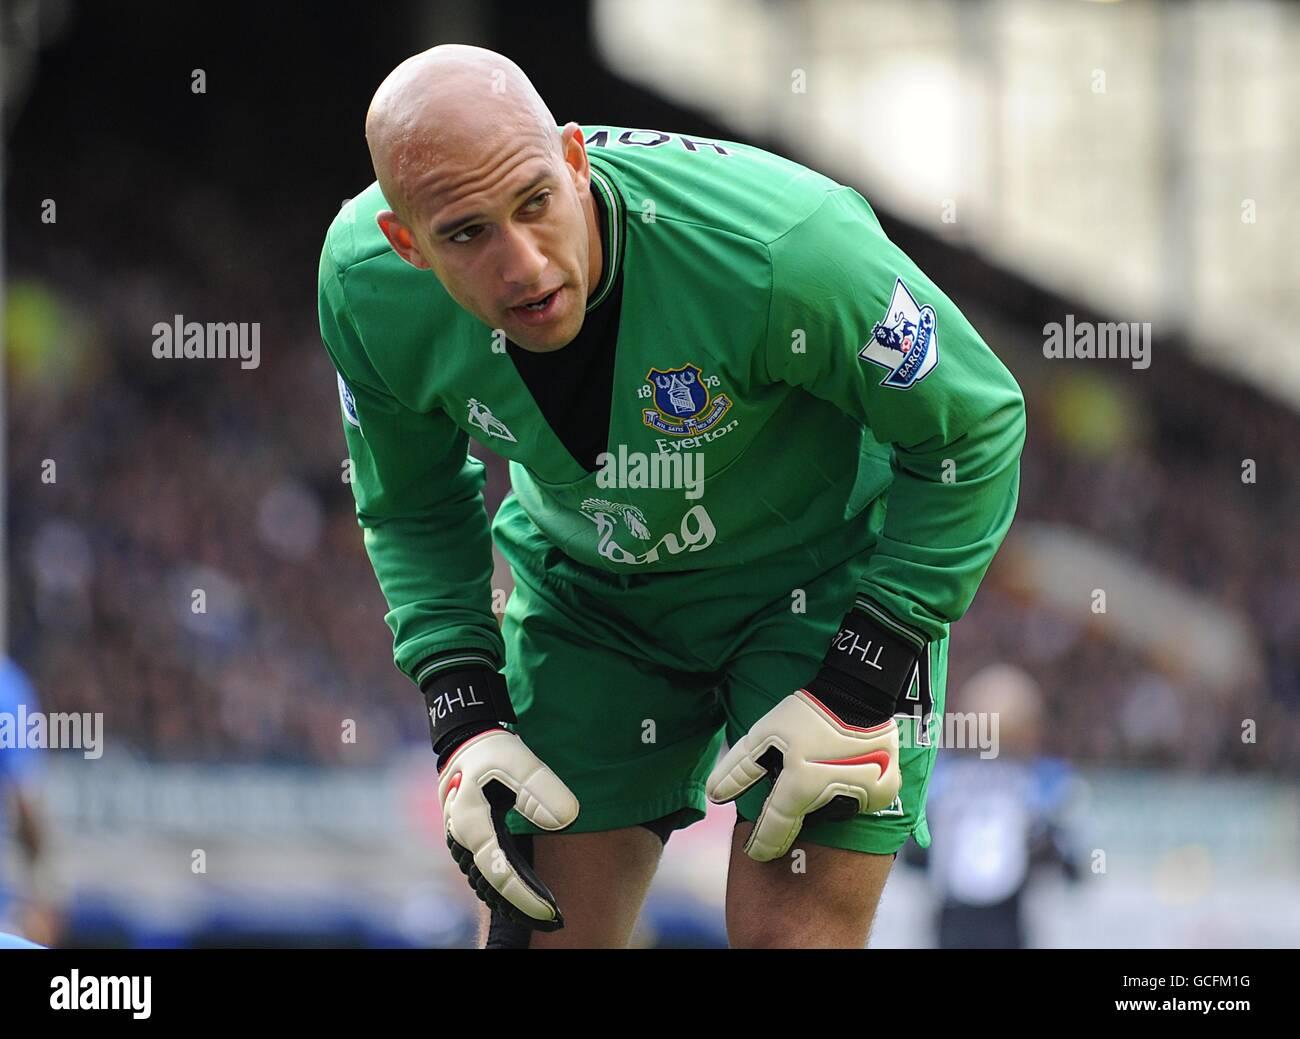 a4b40b2b5d8 Soccer - Barclays Premier League - Everton v Portsmouth - Goodison Park